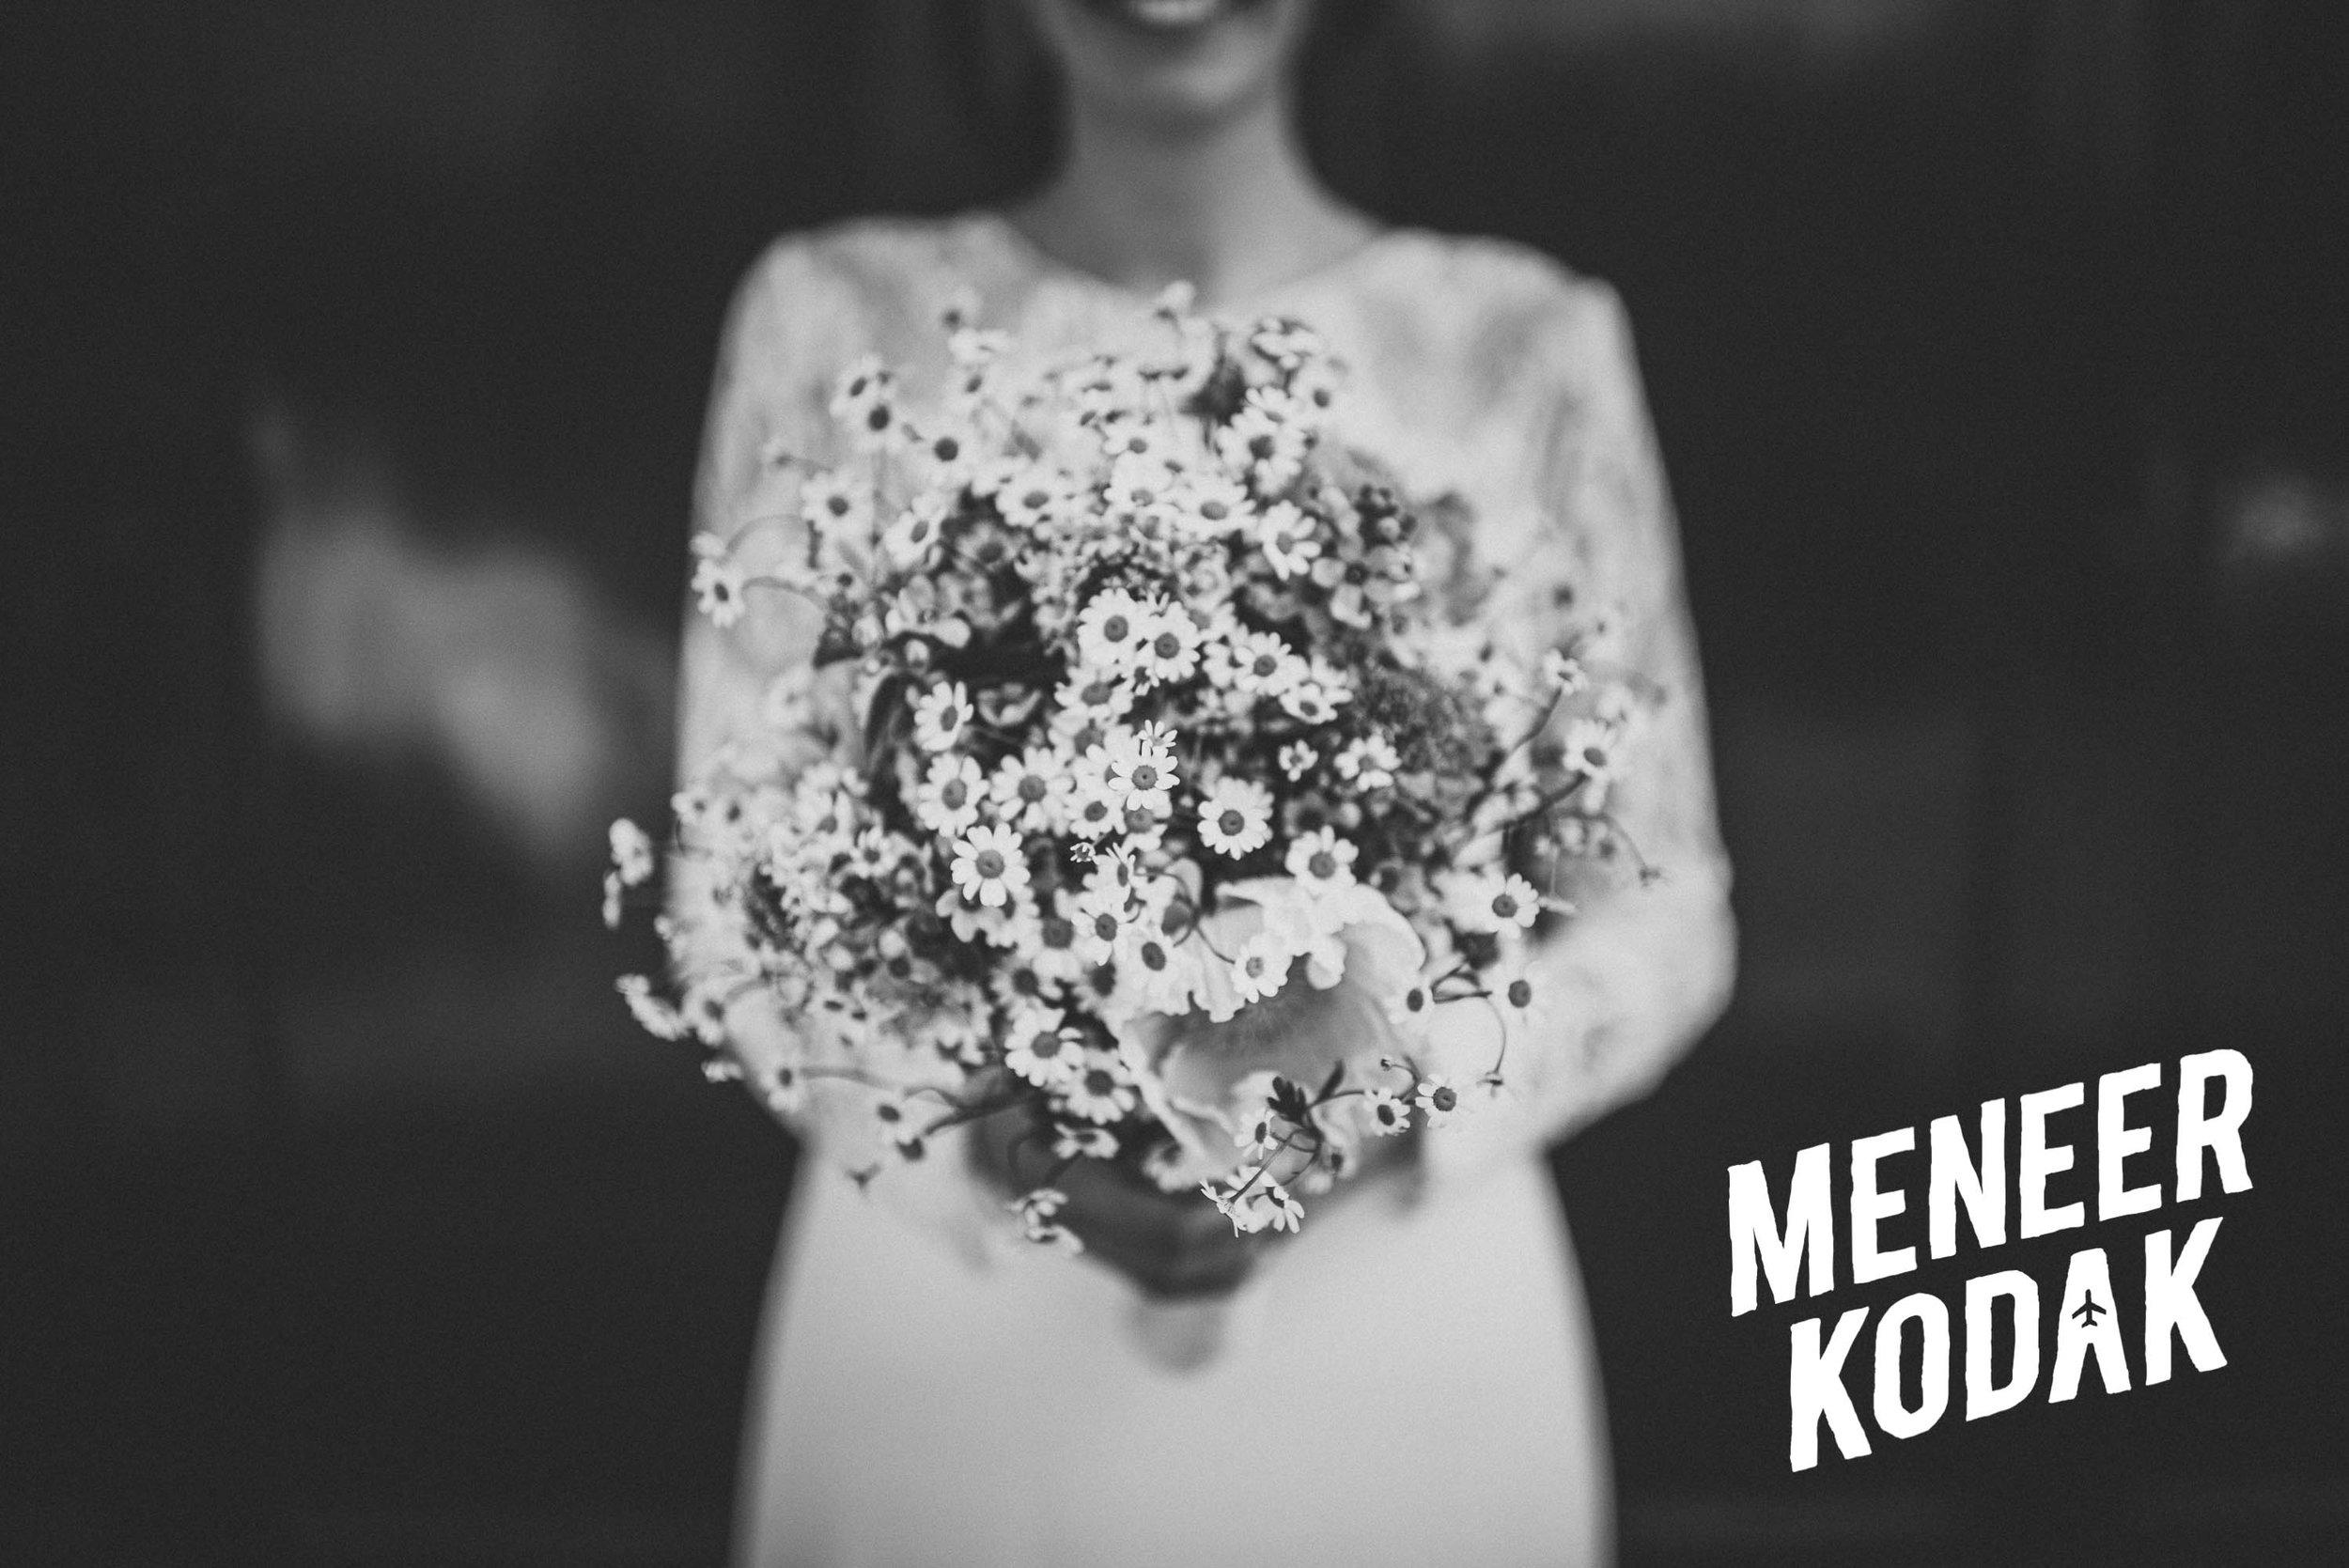 Meneer Kodak - Bruidsfotograaf - Amsterdam - M&J-021.jpg